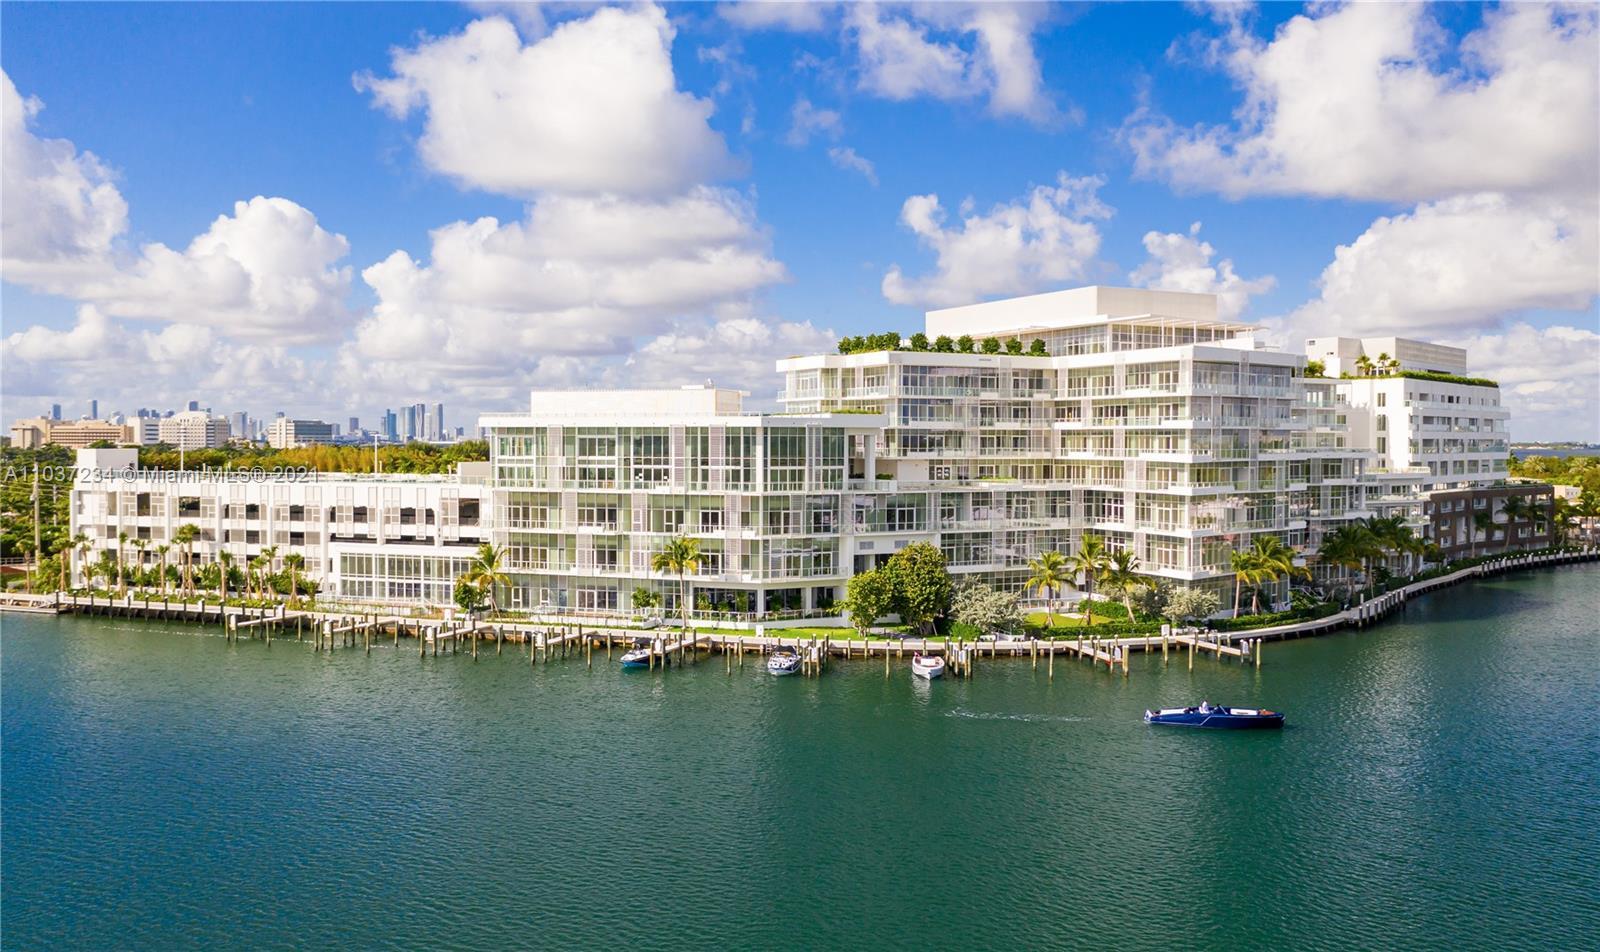 Photo of Ritz Carlton Miami Beach Apt LPH02 that clicks through to the property detail page